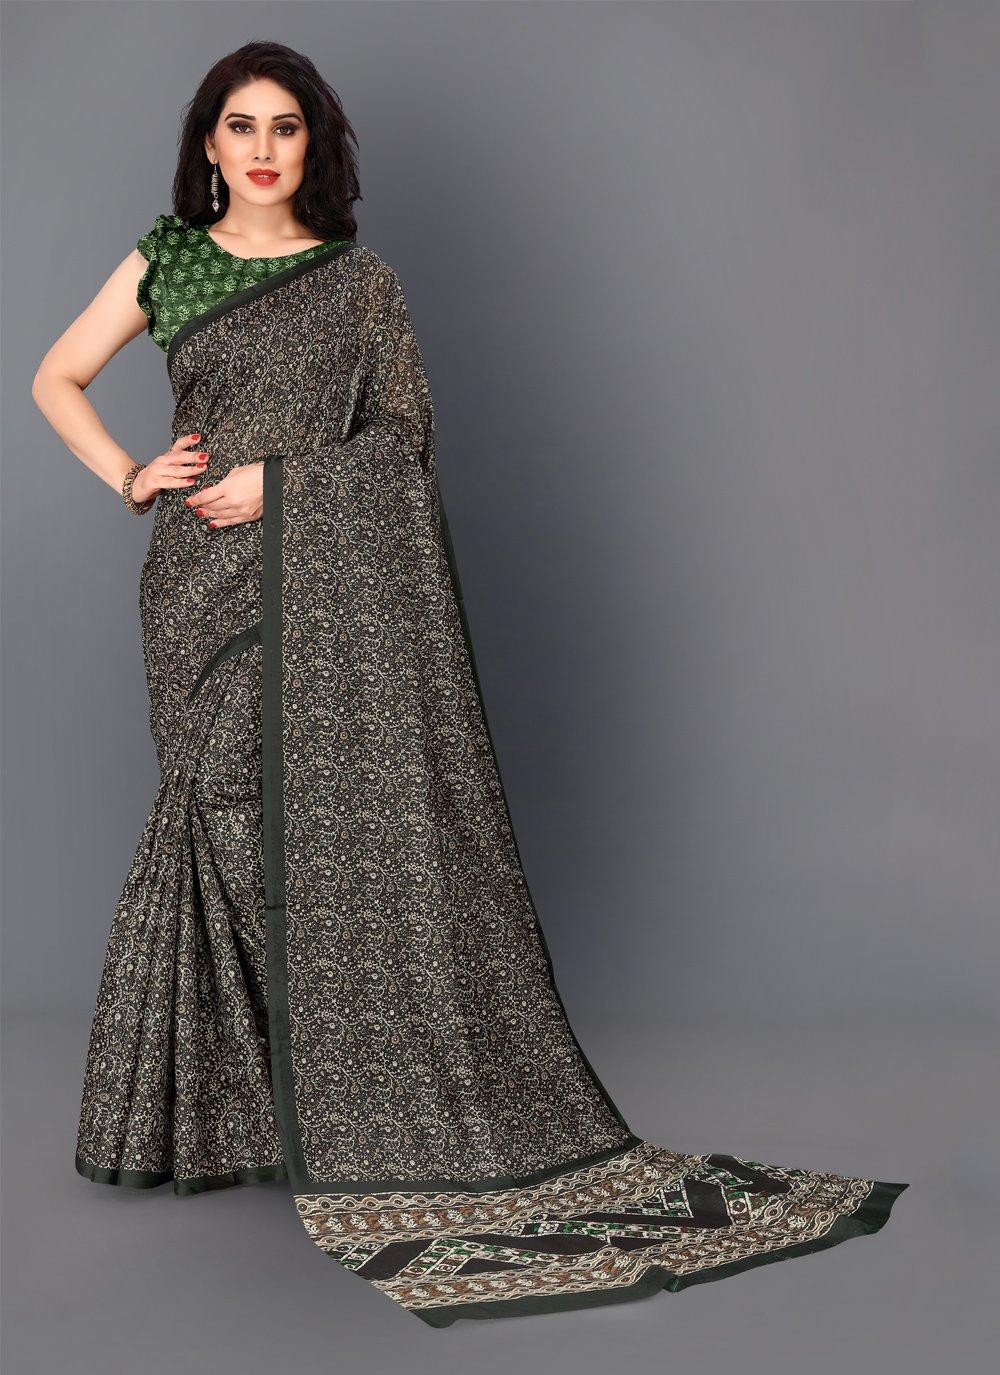 Silk Digital Print Trendy Saree in Green